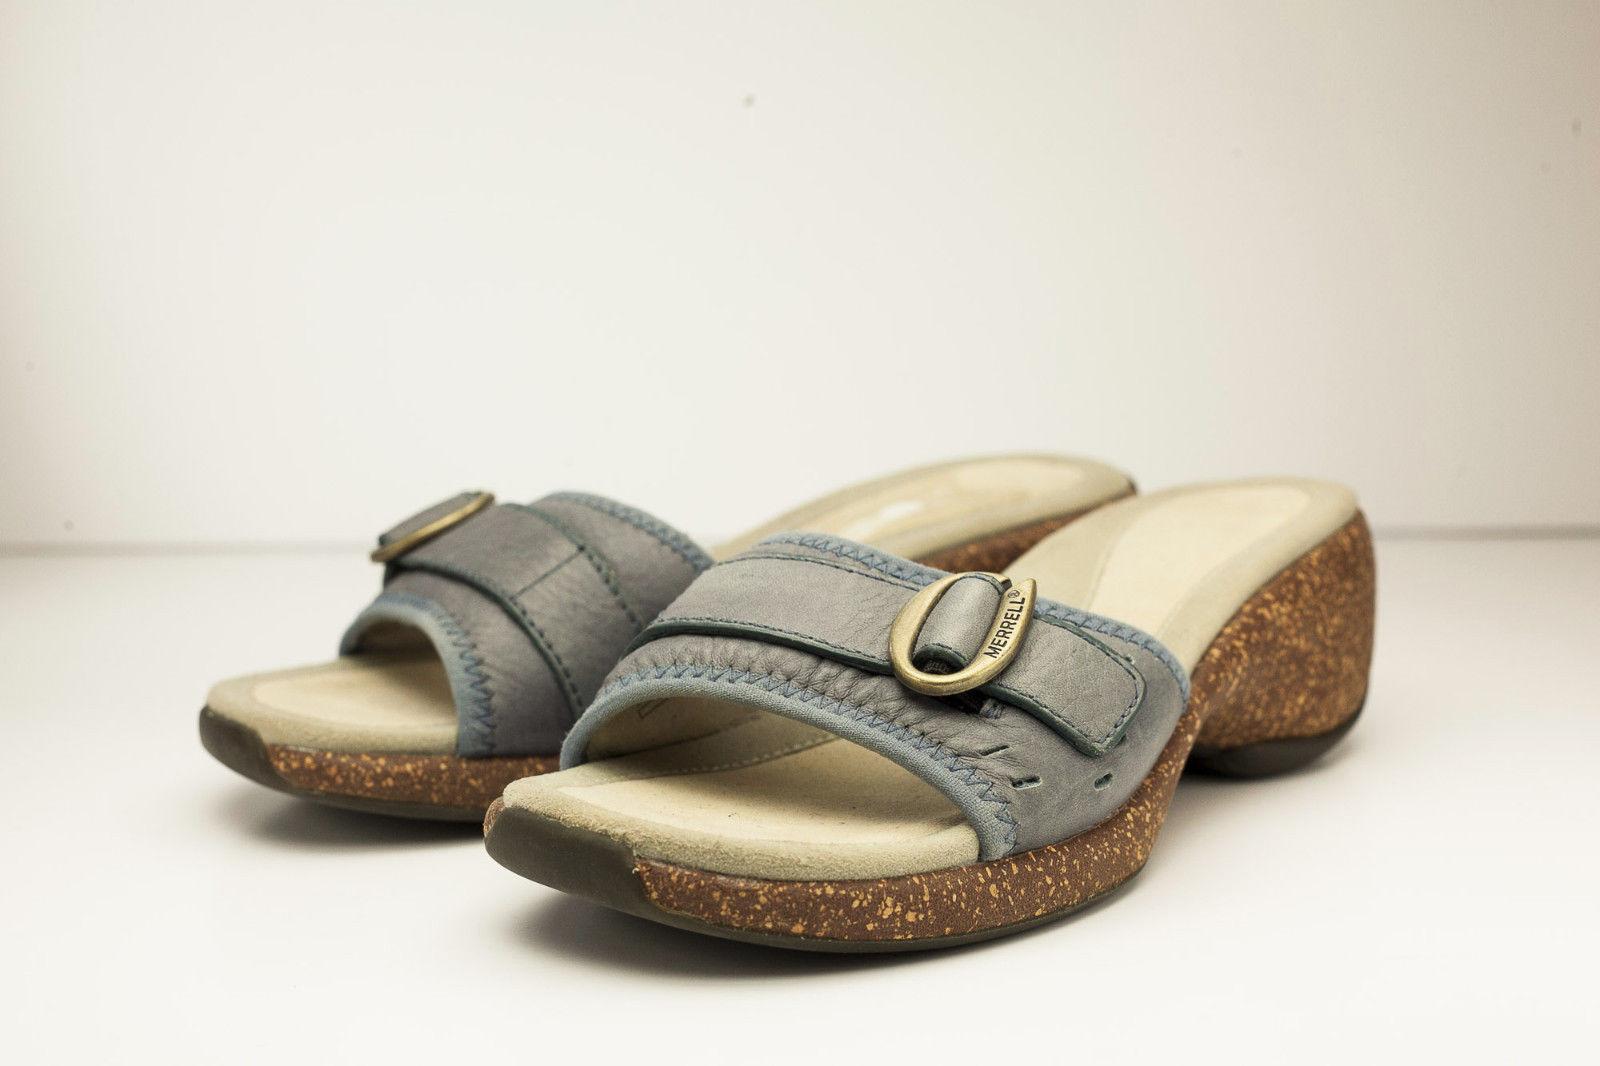 Merrell 5 Blue Slide Sandal Women's Shoe - $36.00